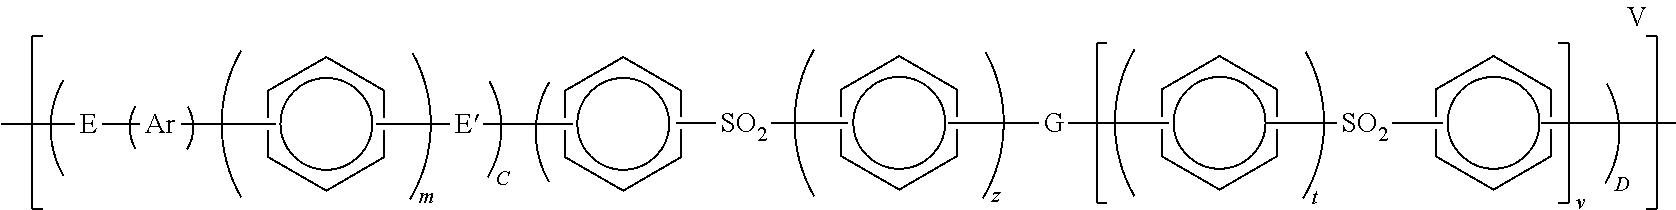 Figure US20110151259A1-20110623-C00002